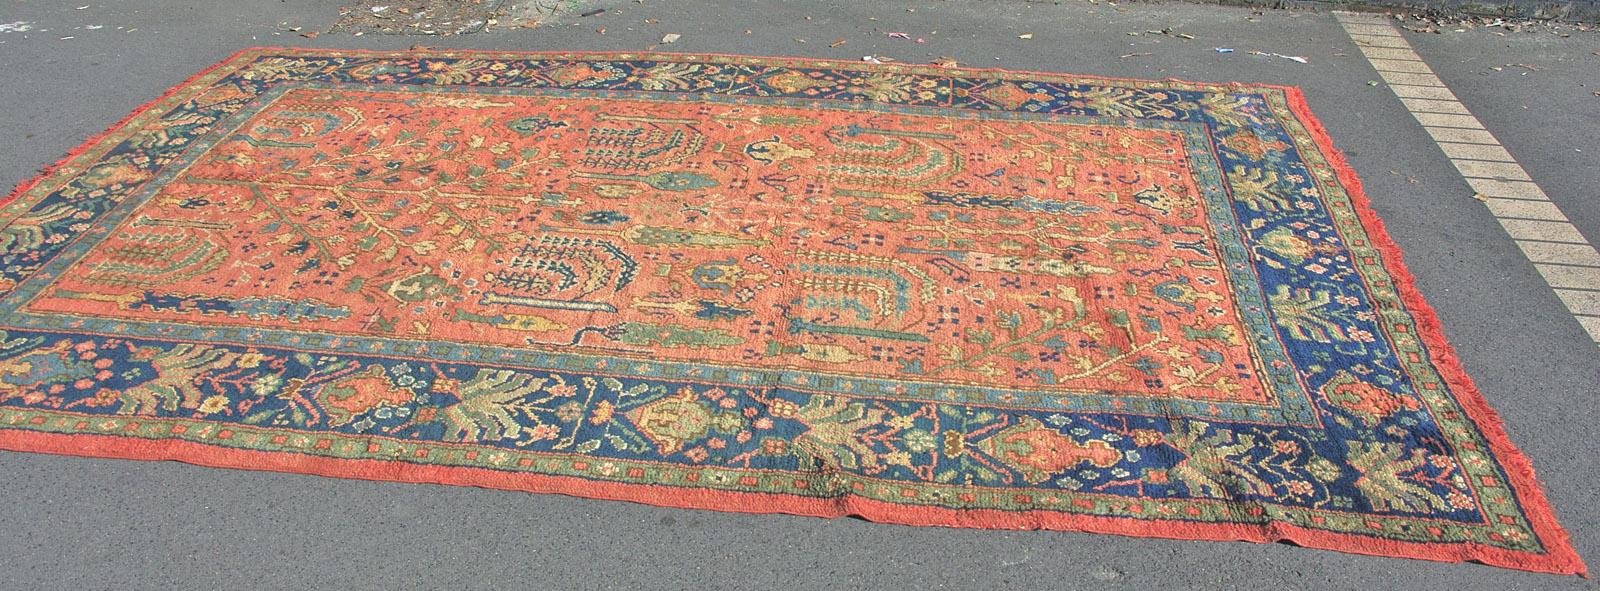 Ushak carpet 345 x 220 cm